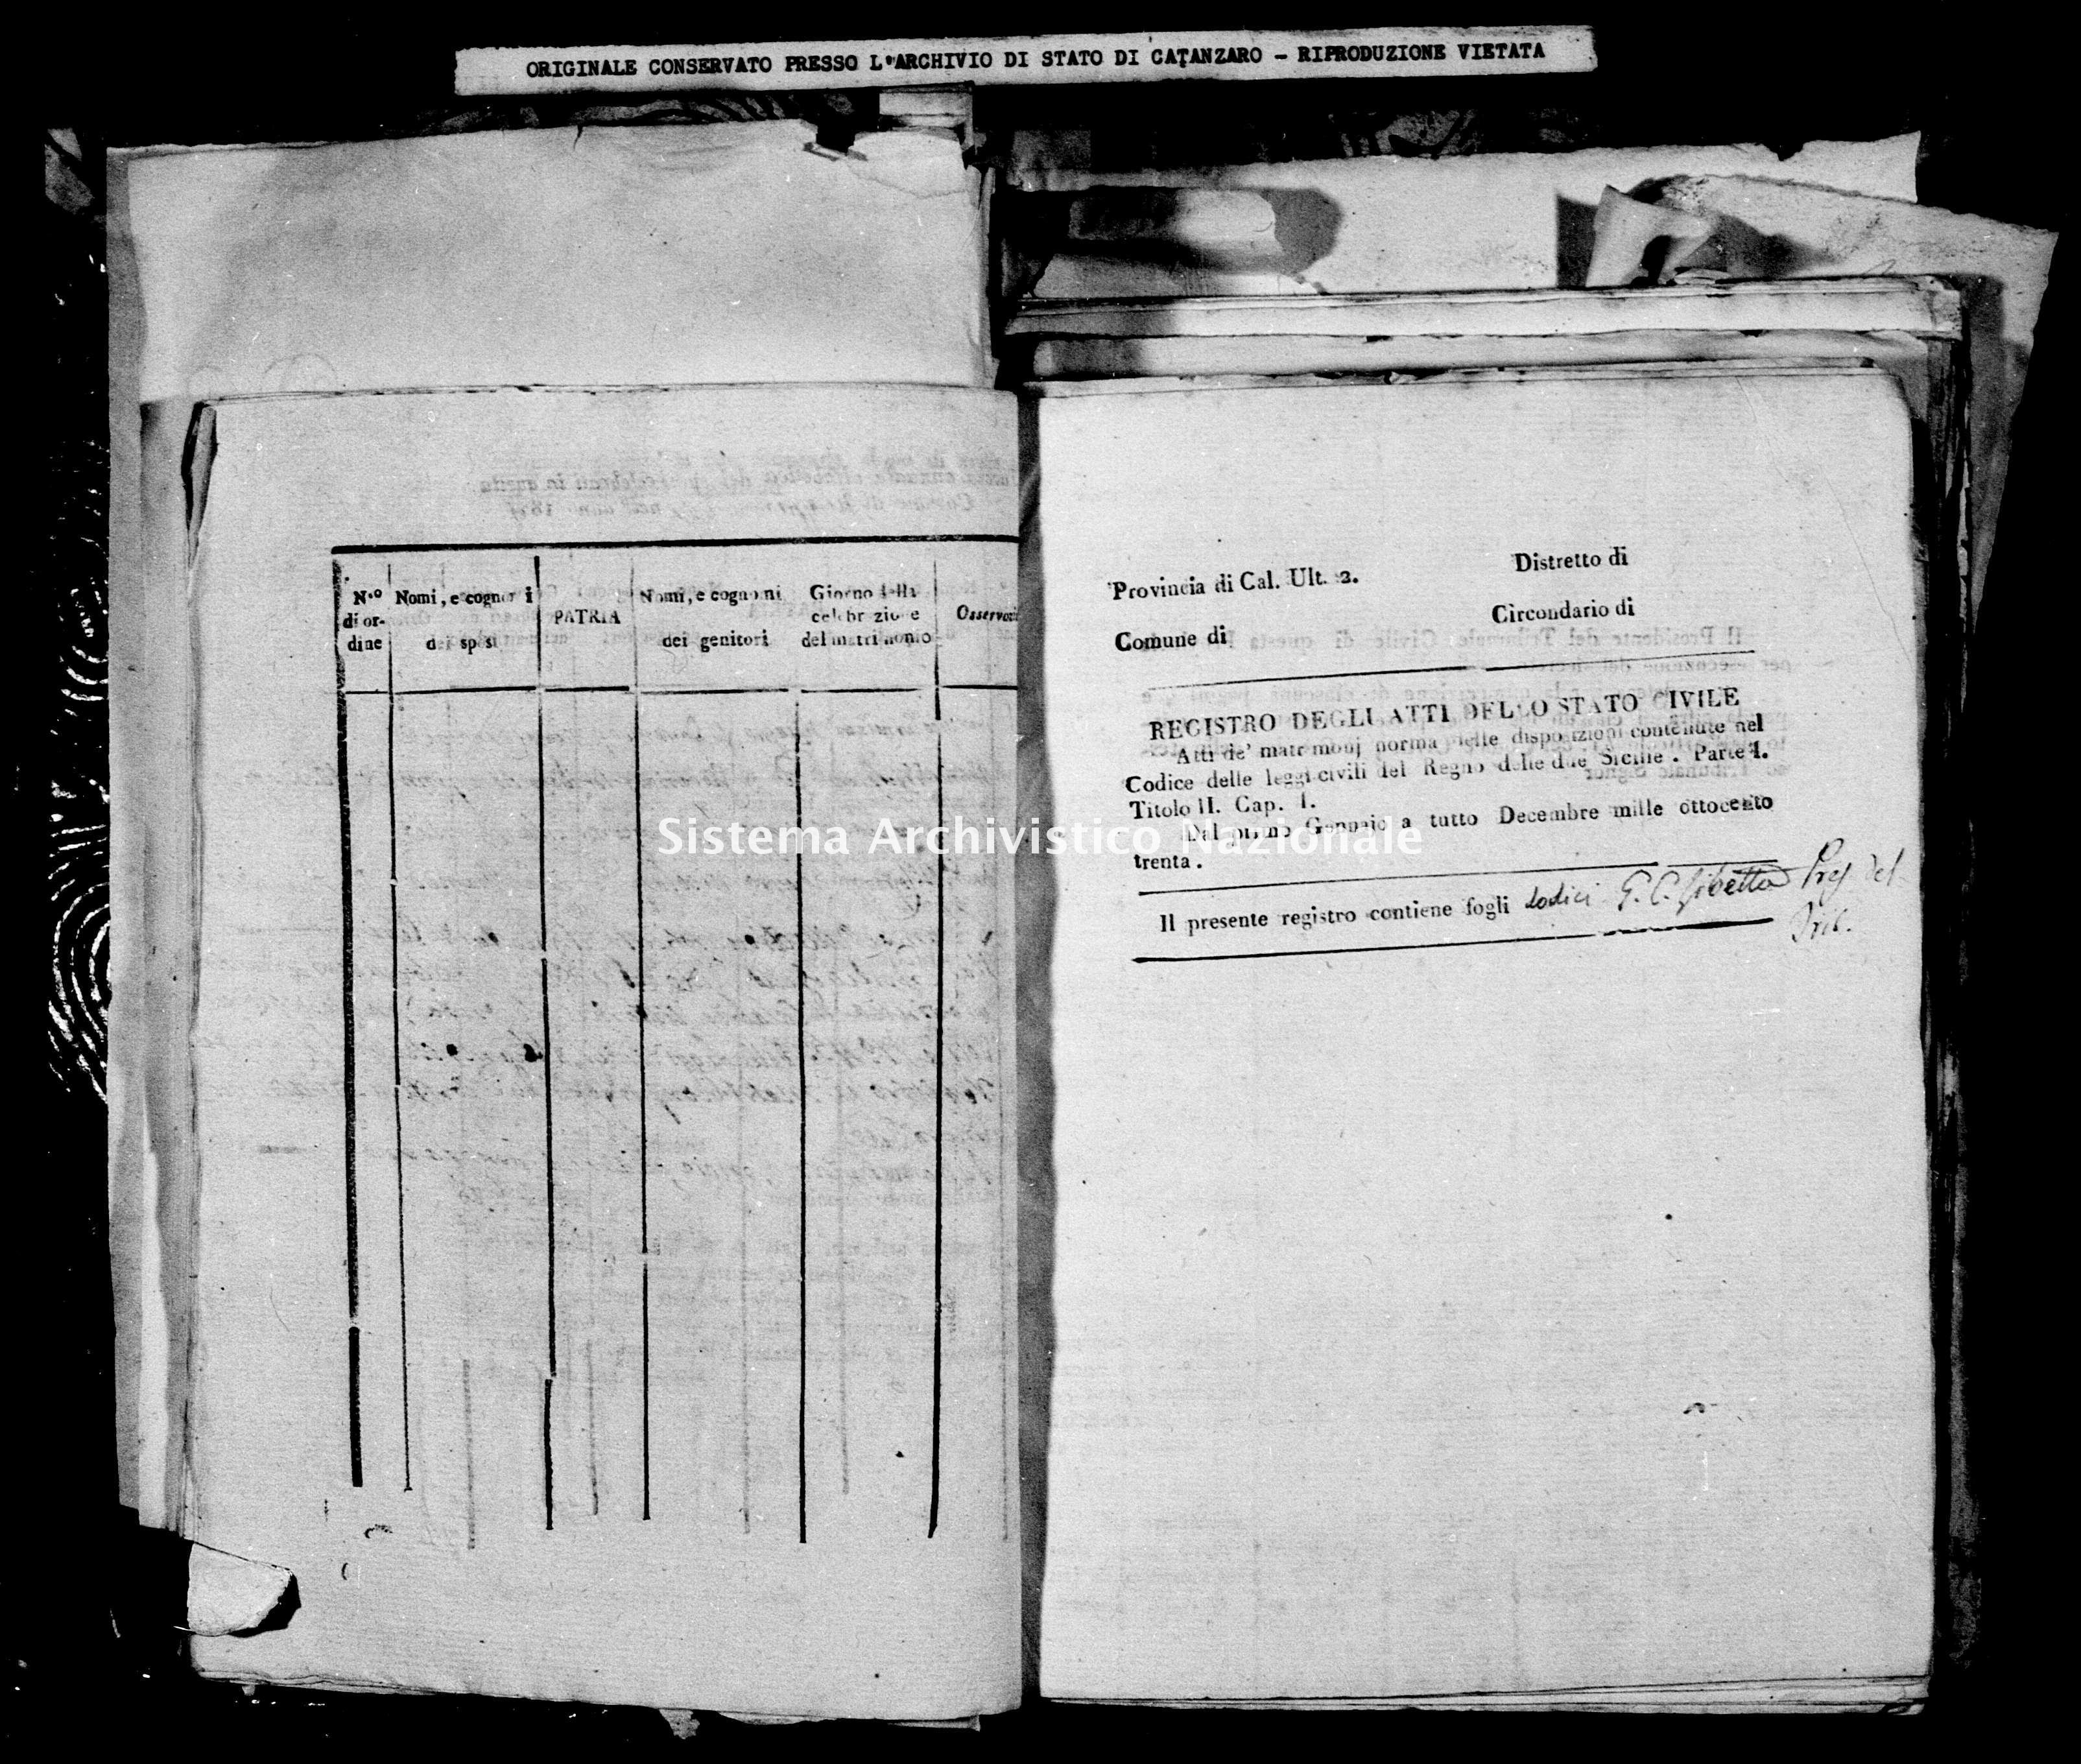 Archivio di stato di Catanzaro - Stato civile della restaurazione - Bella - Matrimoni - 1830 -